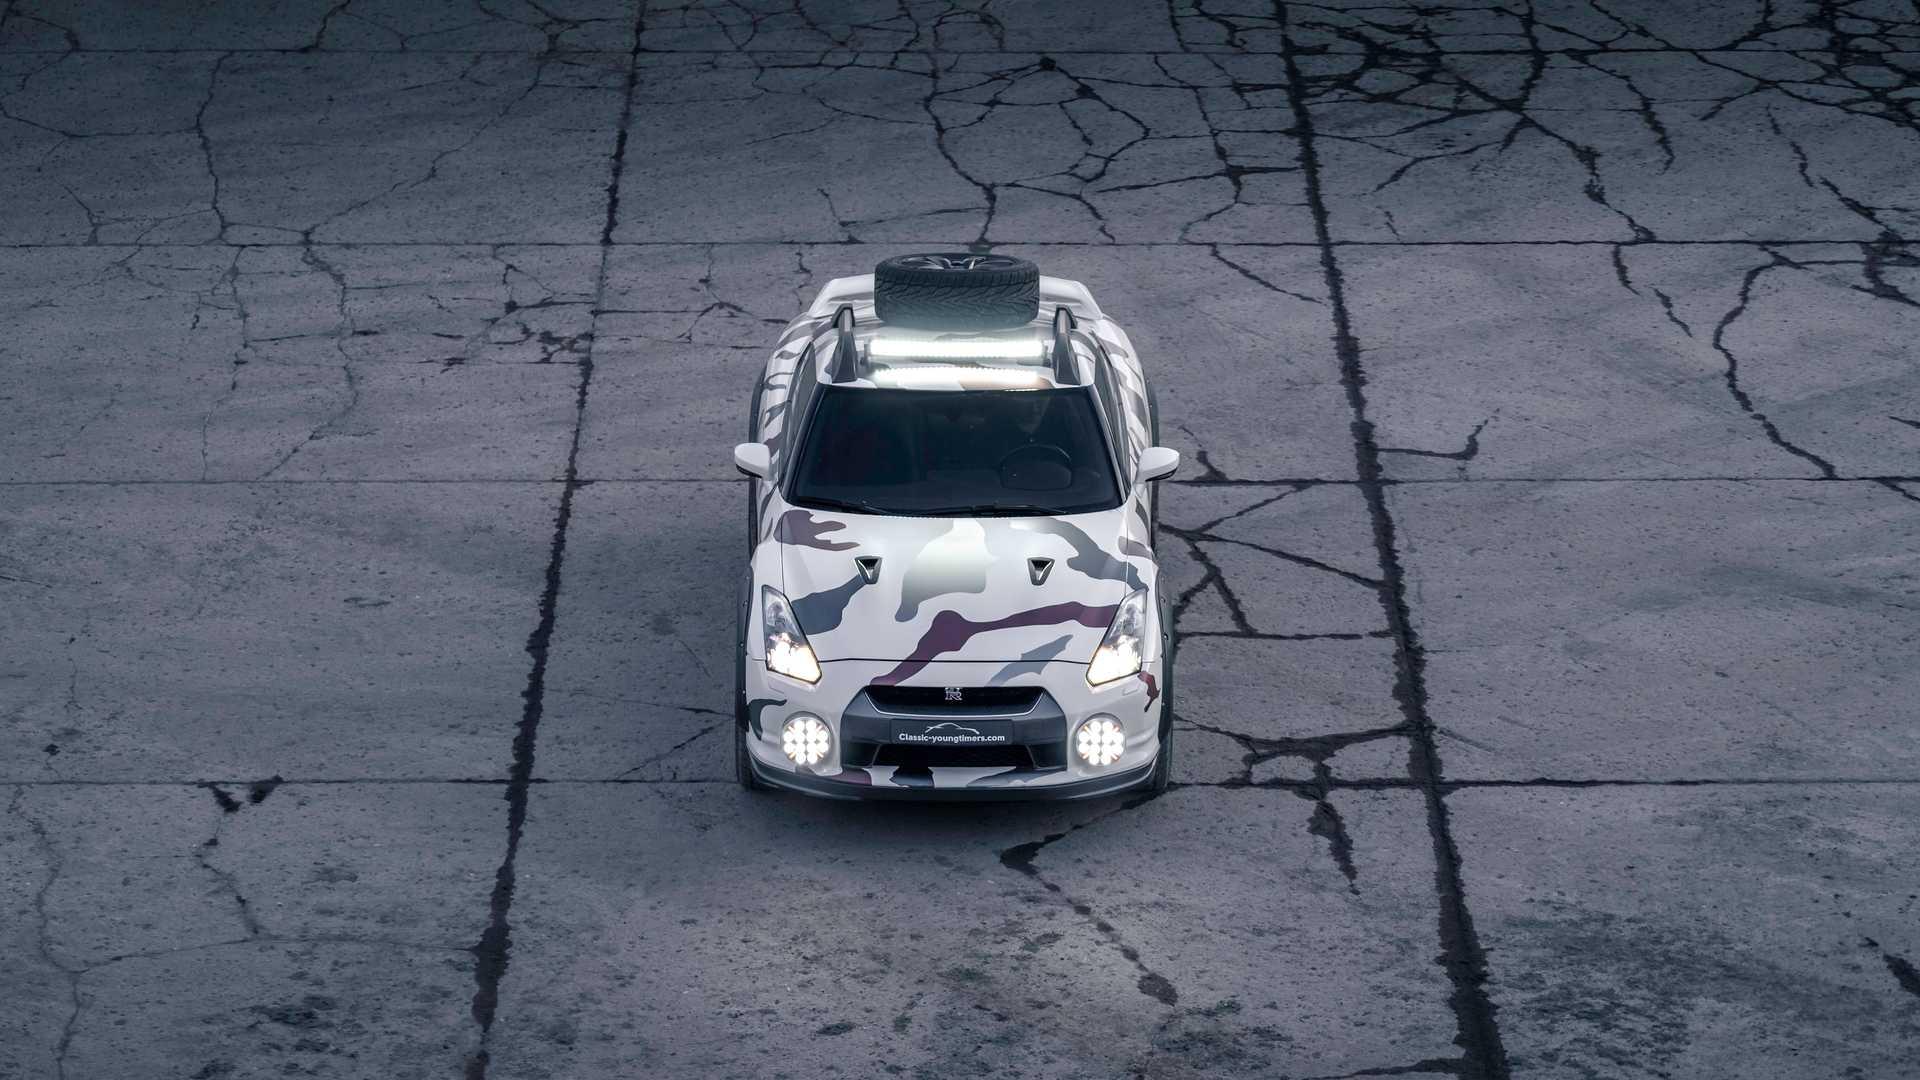 Nissan-GT-R-Offroad-Godzilla-2.0-9